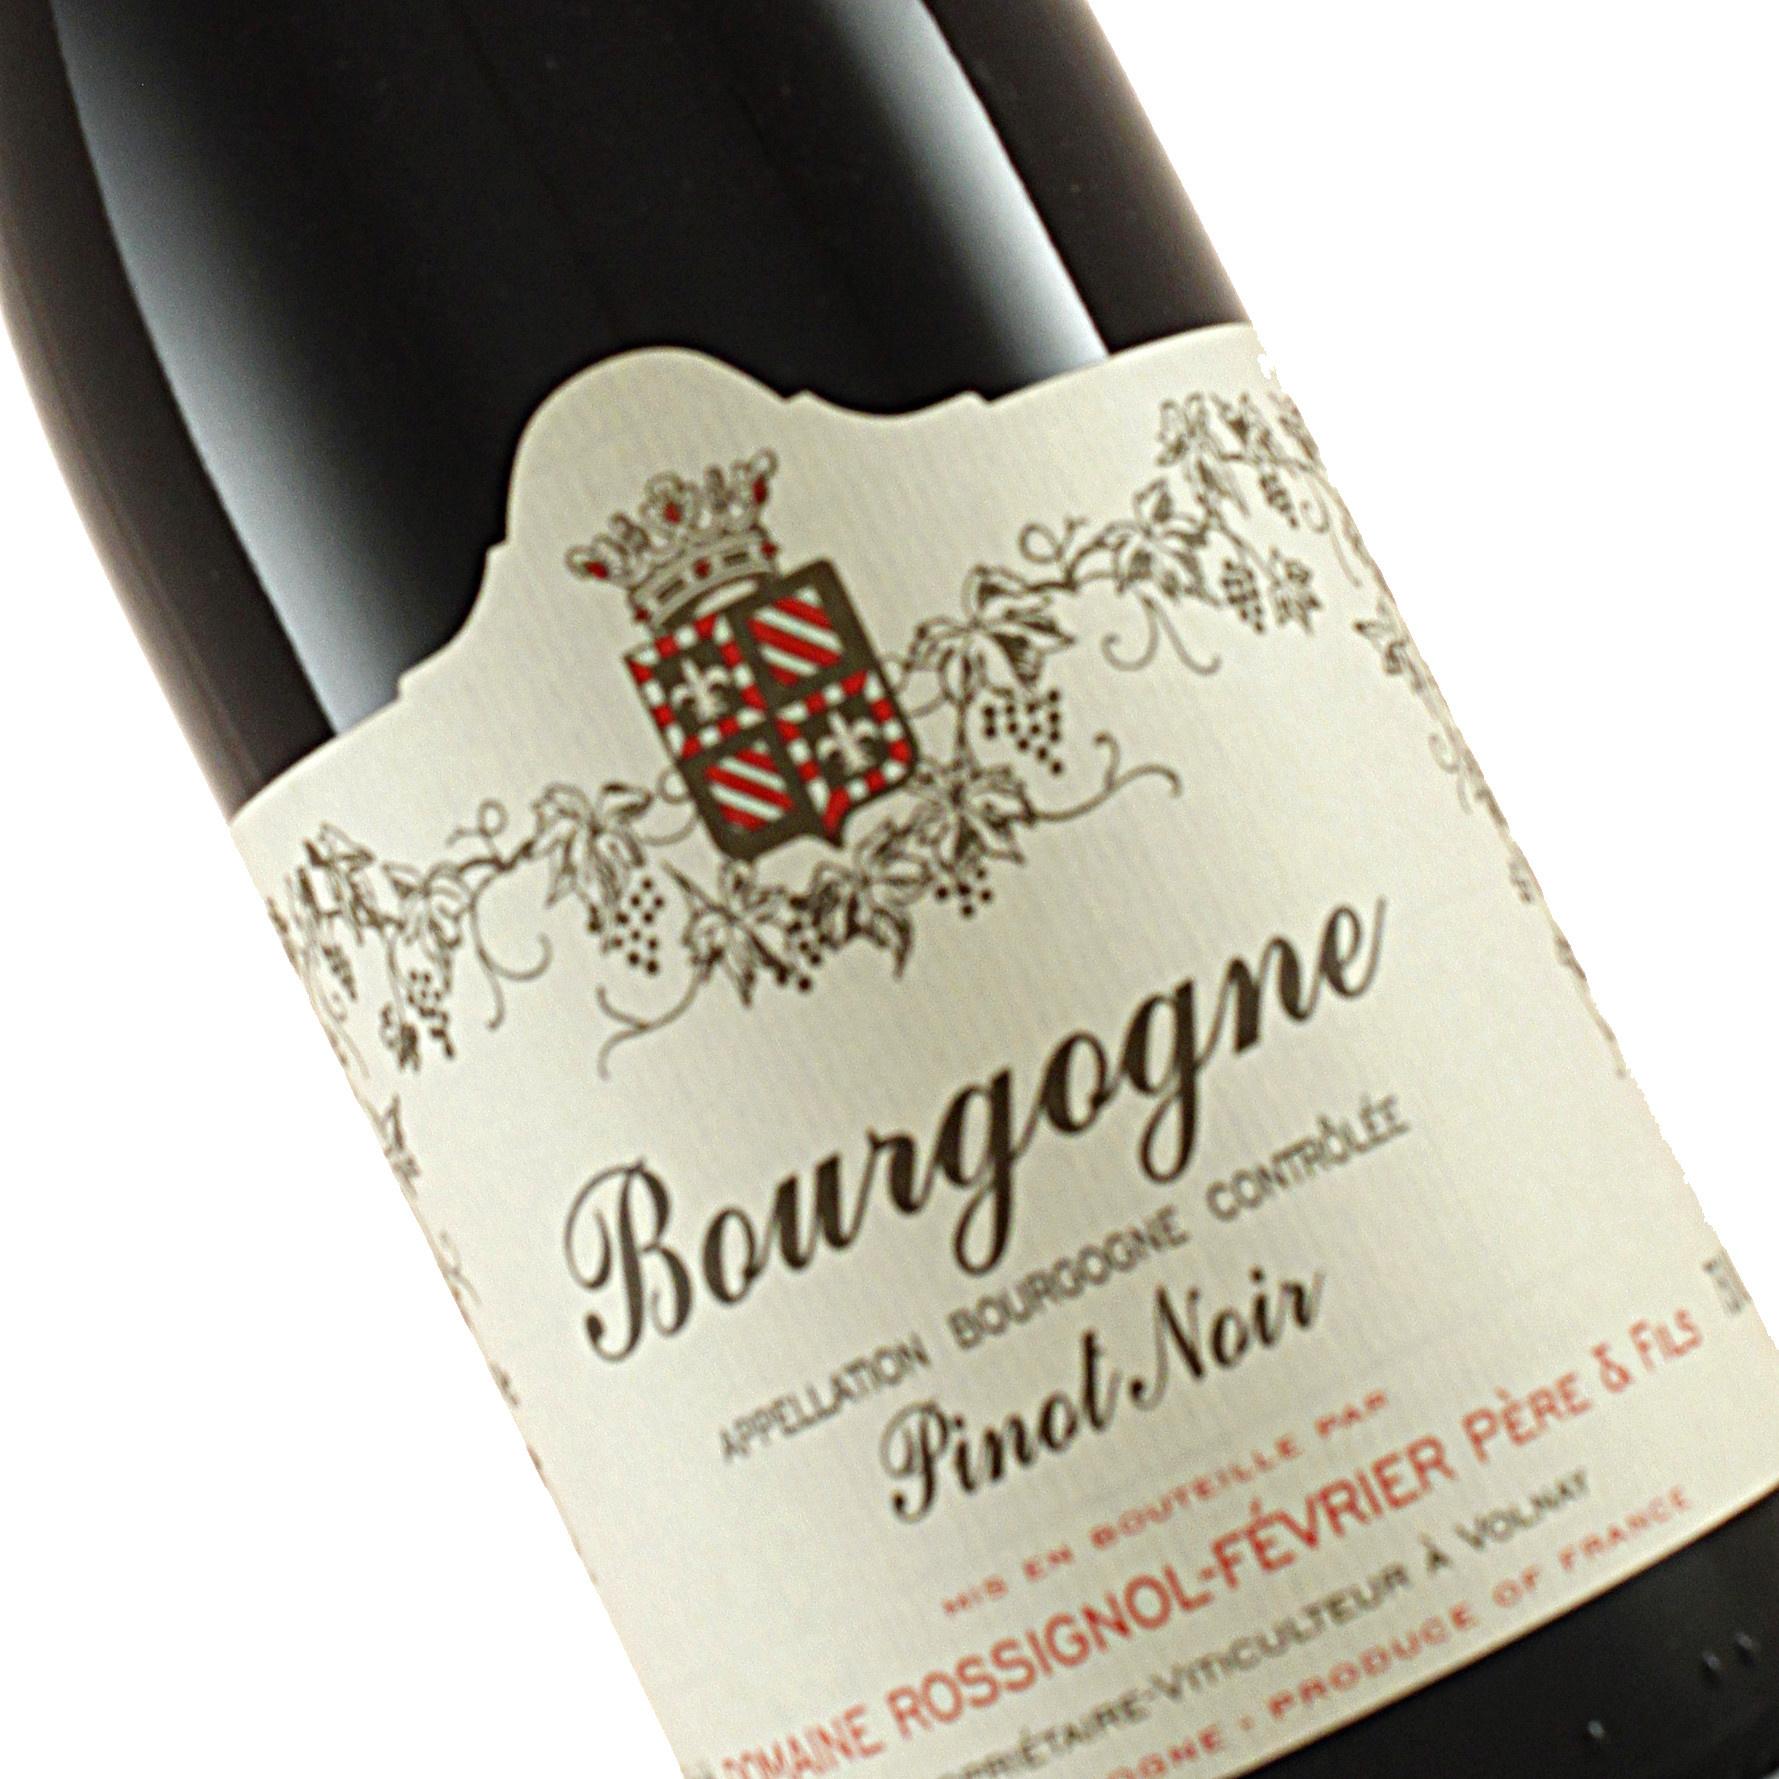 Rossignol-Fevrier 2015 Bourgogne Pinot Noir, Burgundy